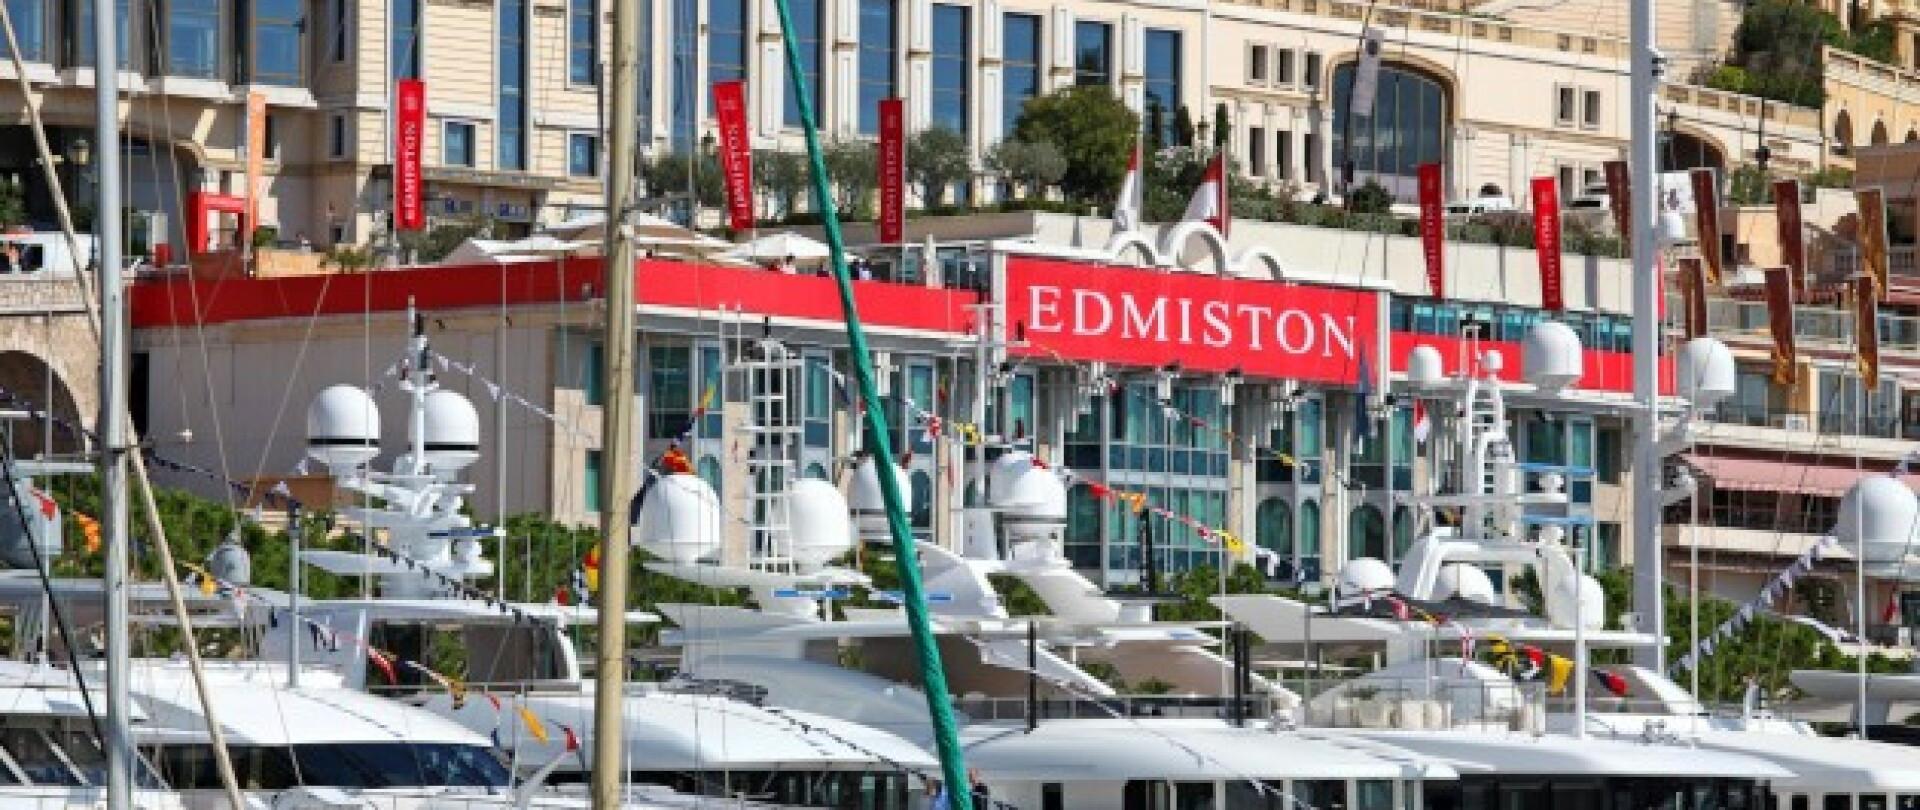 Edmiston Attending Monaco Yacht Show 2014 photo 1